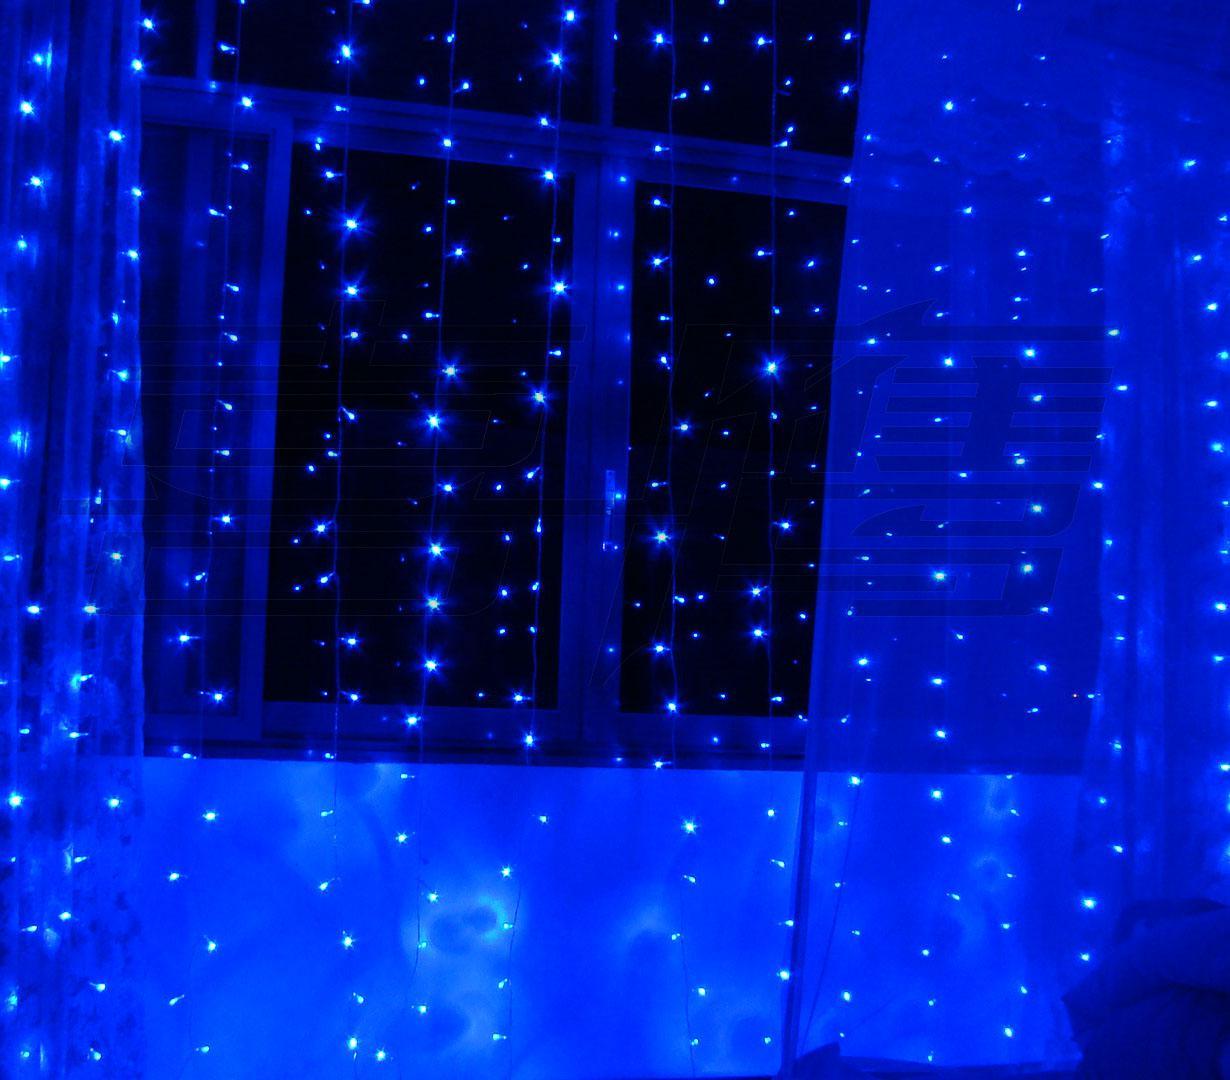 300 LEDライト3M * 3Mカーテンライト、防水クリスマス飾りライト、フラッシュWeddind色の光、妖精ライトLEDストリップ照明ストリップ